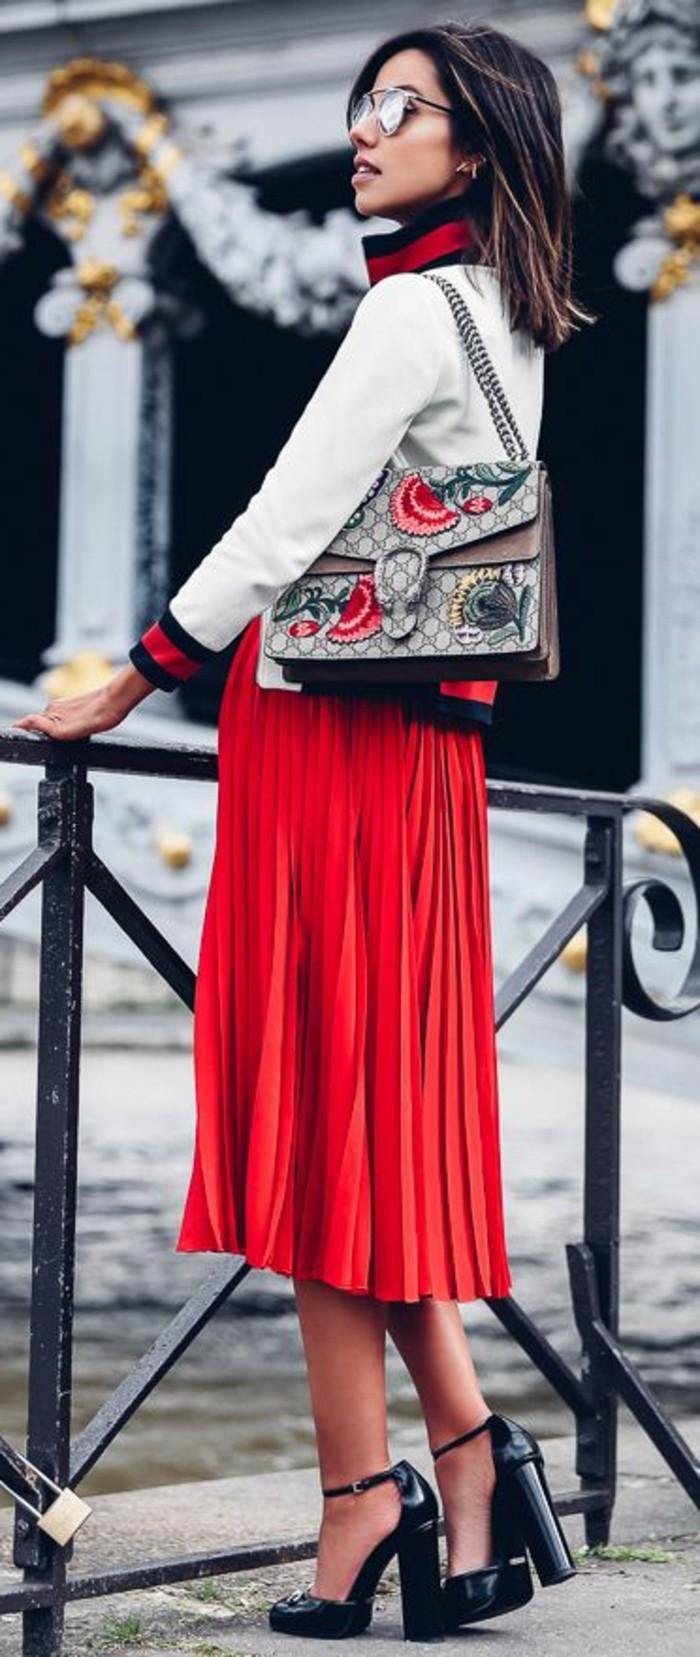 rotes-kleid-schuhe-eleganter-ausgefallener-look-rot-weiss-schwarz-moderne-schuhe-gucci-tasche